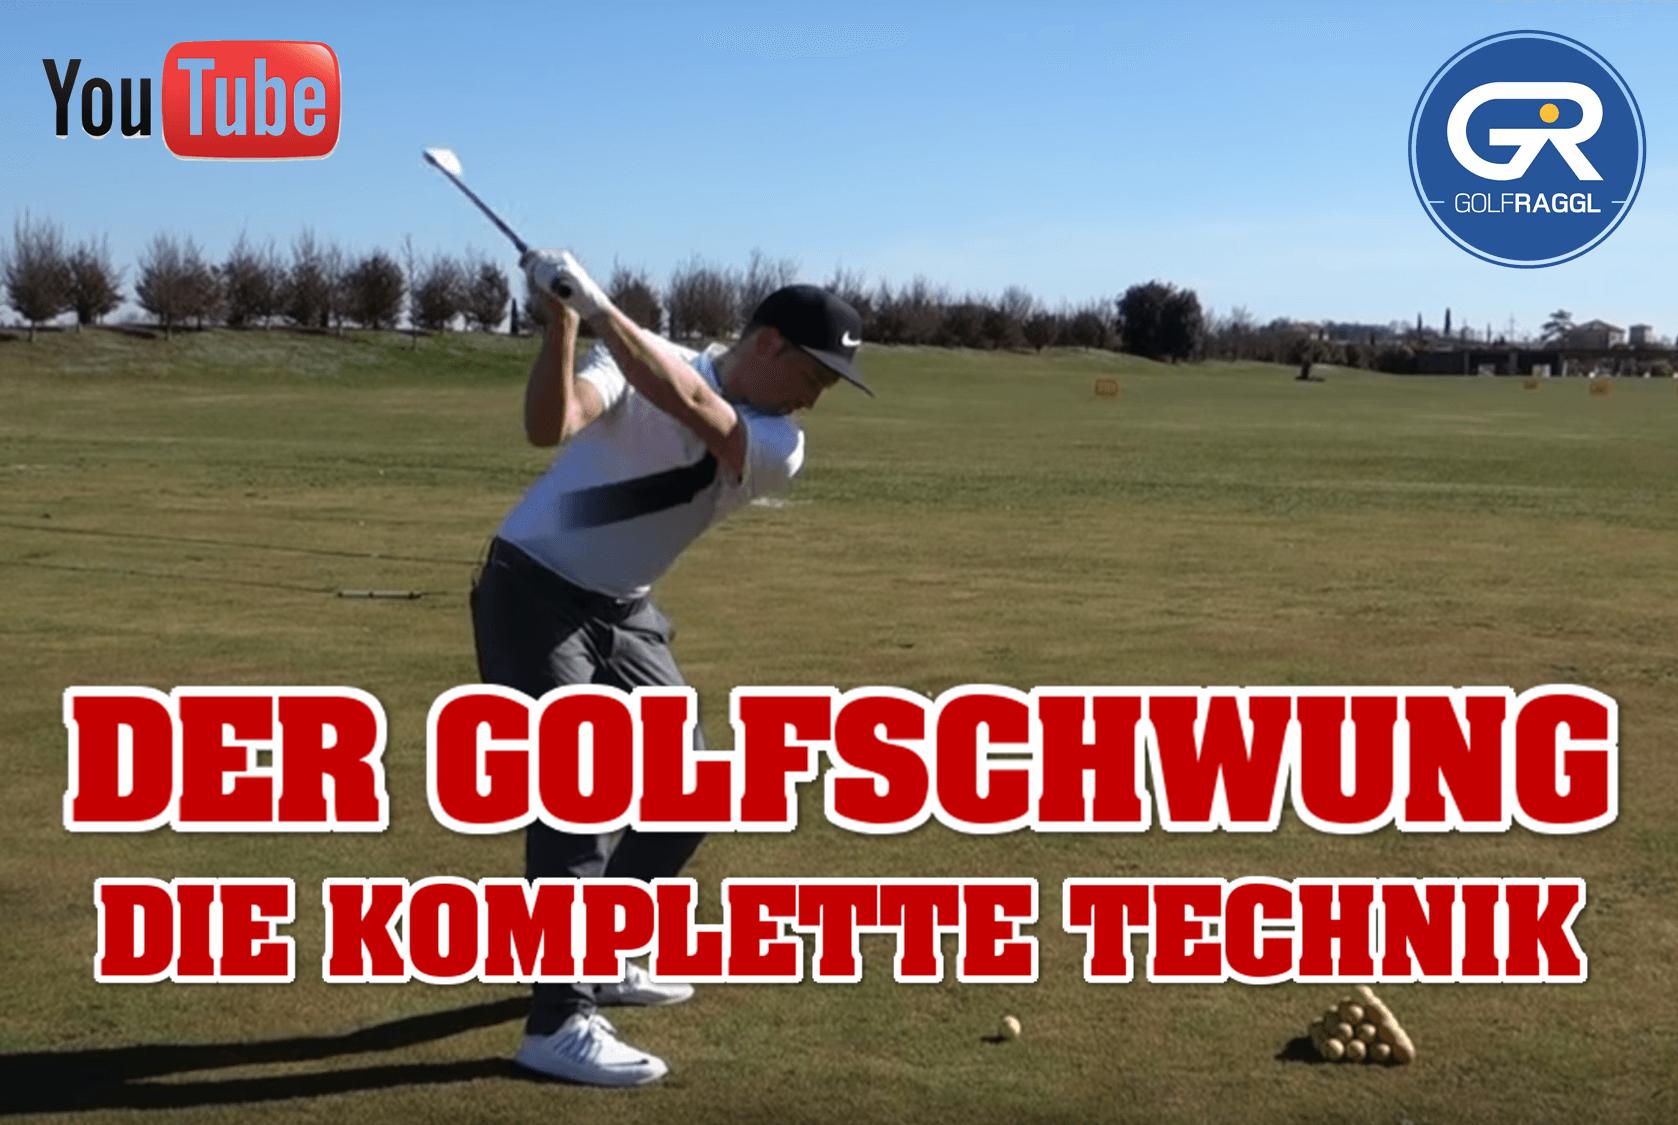 Der Golfschwung - die komplette Technik